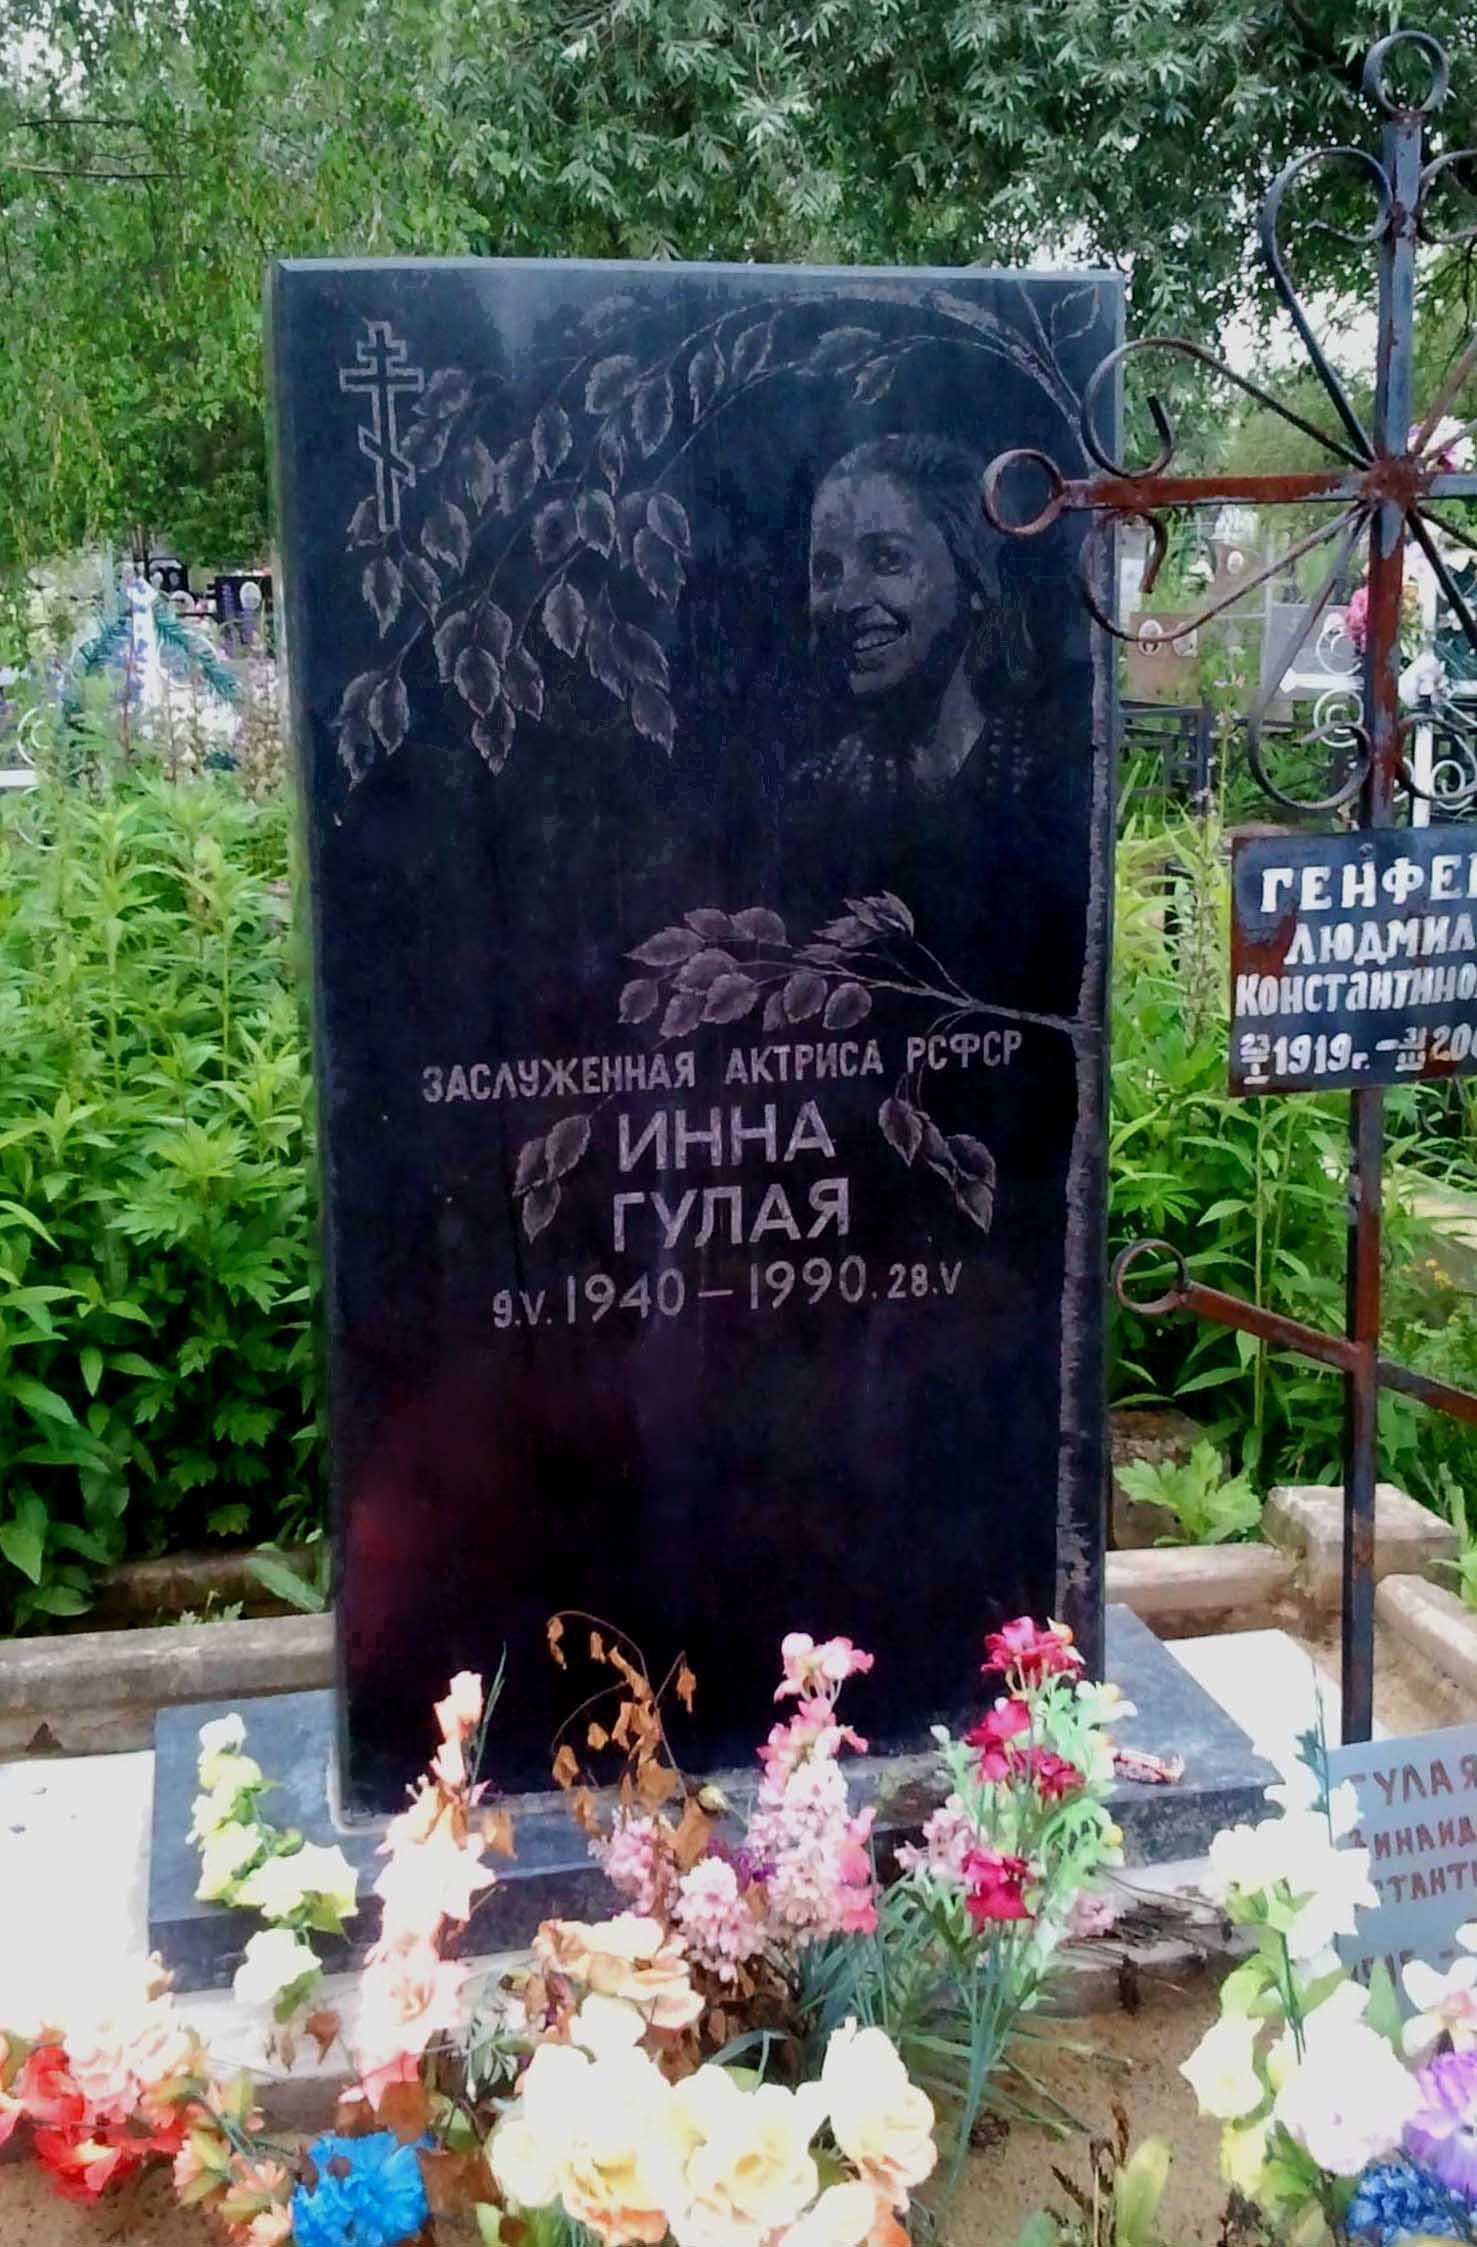 Обложка книги инна гулая биография причина смерти